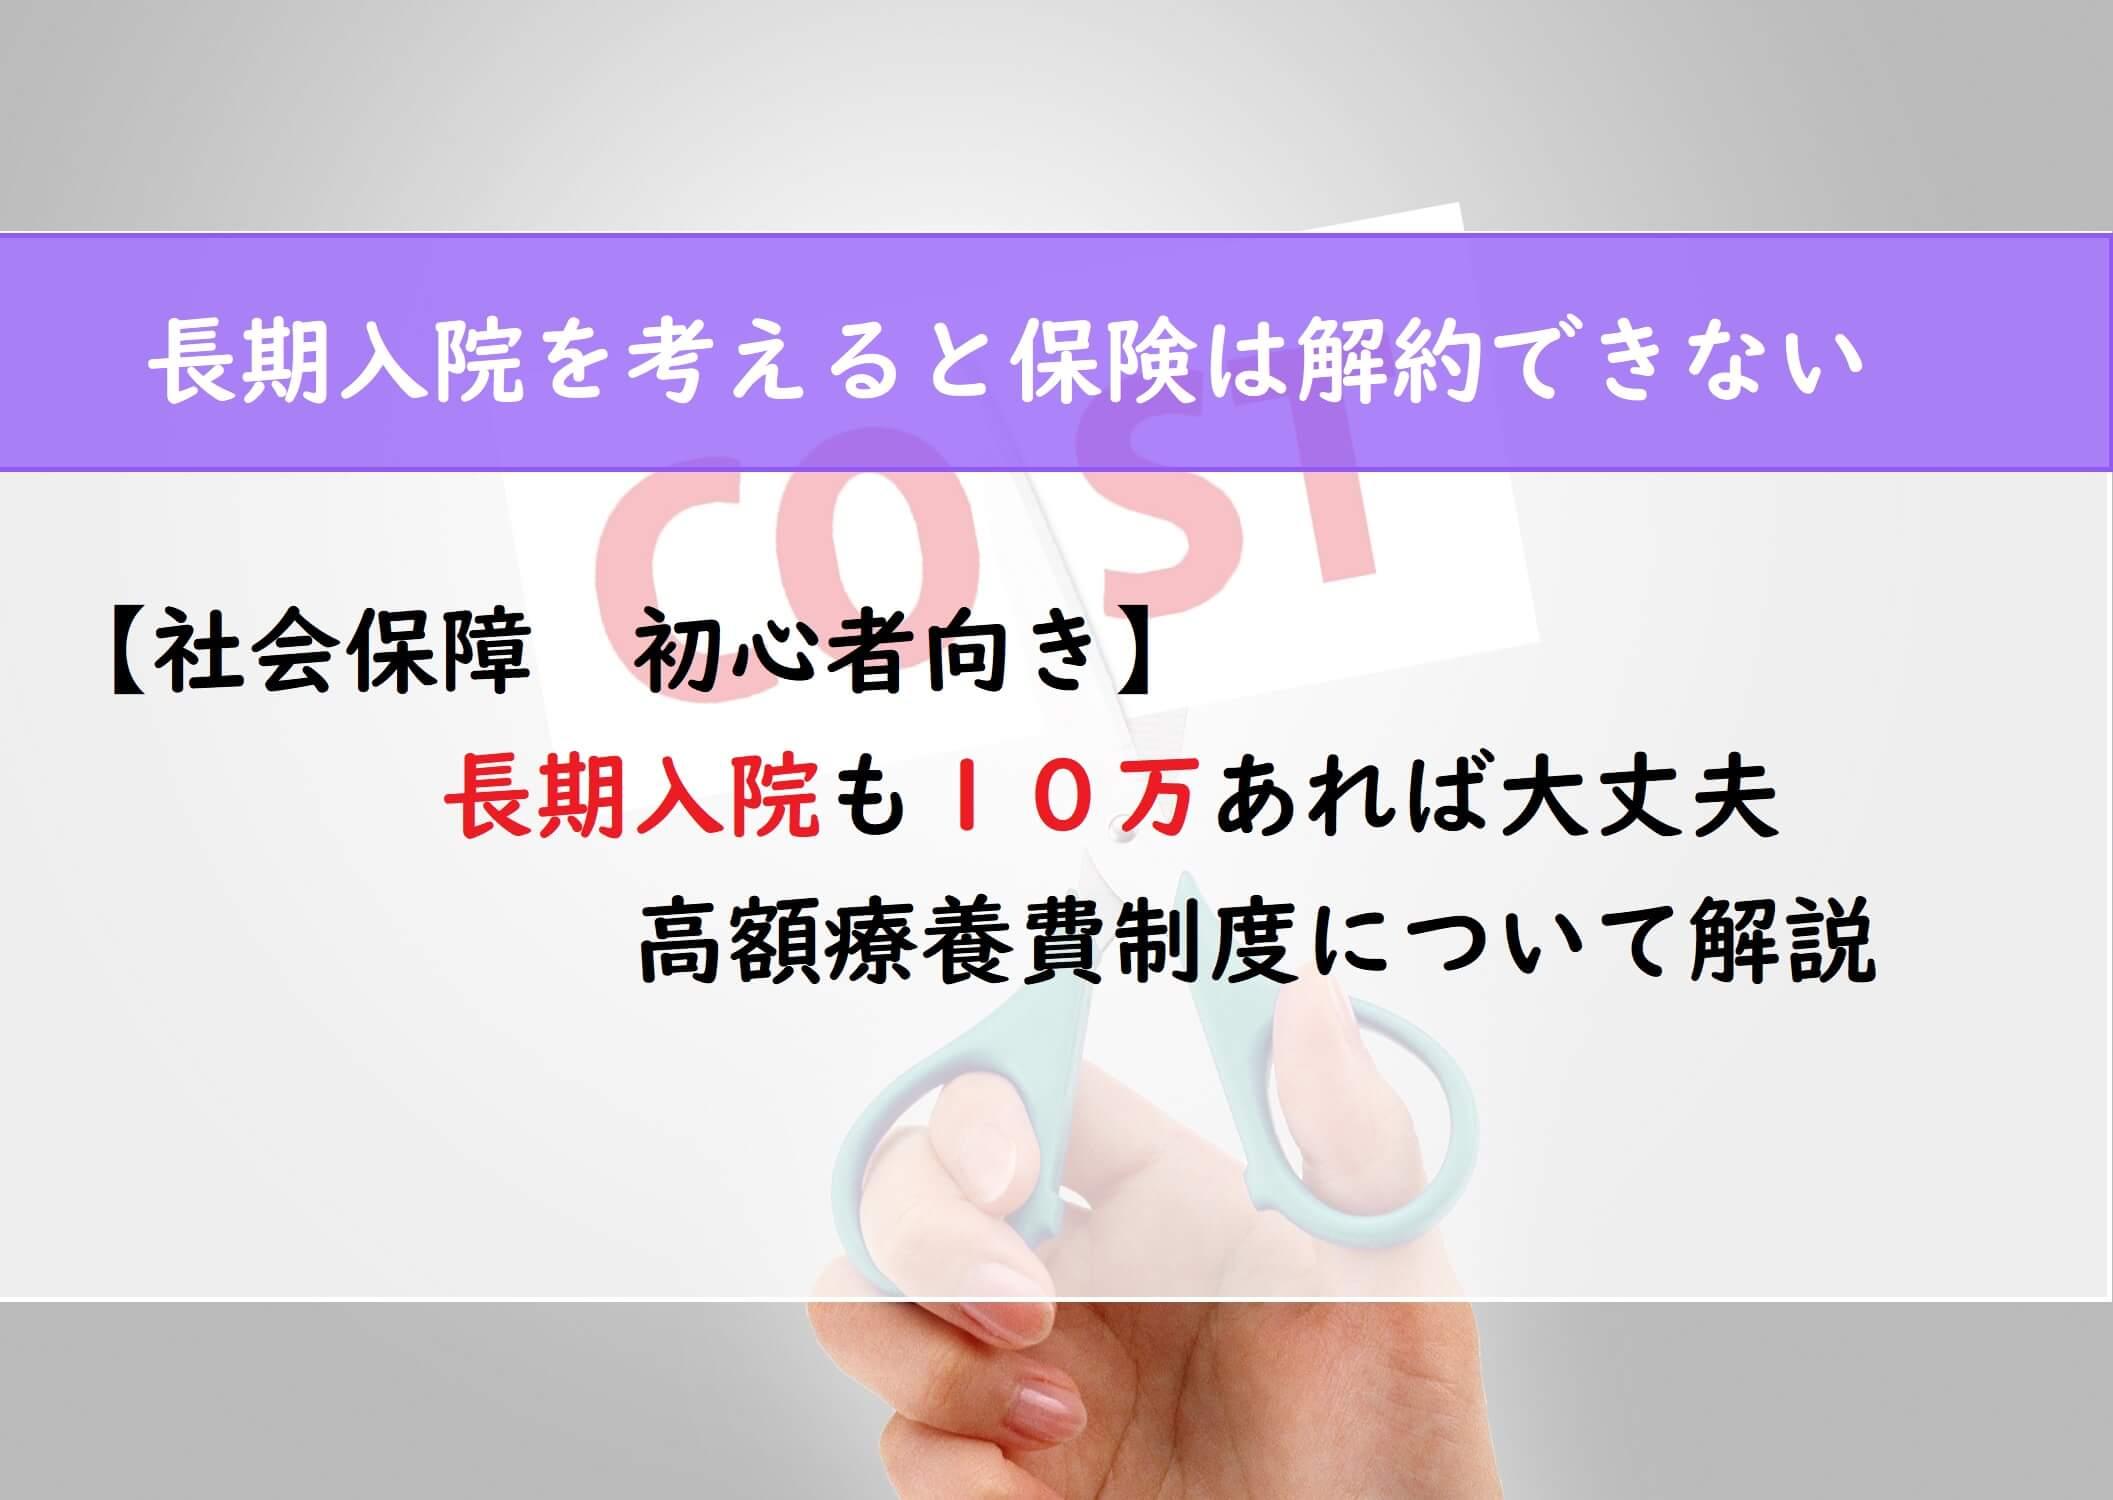 【社会保障 初心者向け】長期入院も10万あれば大丈夫 高額療養費制度について解説